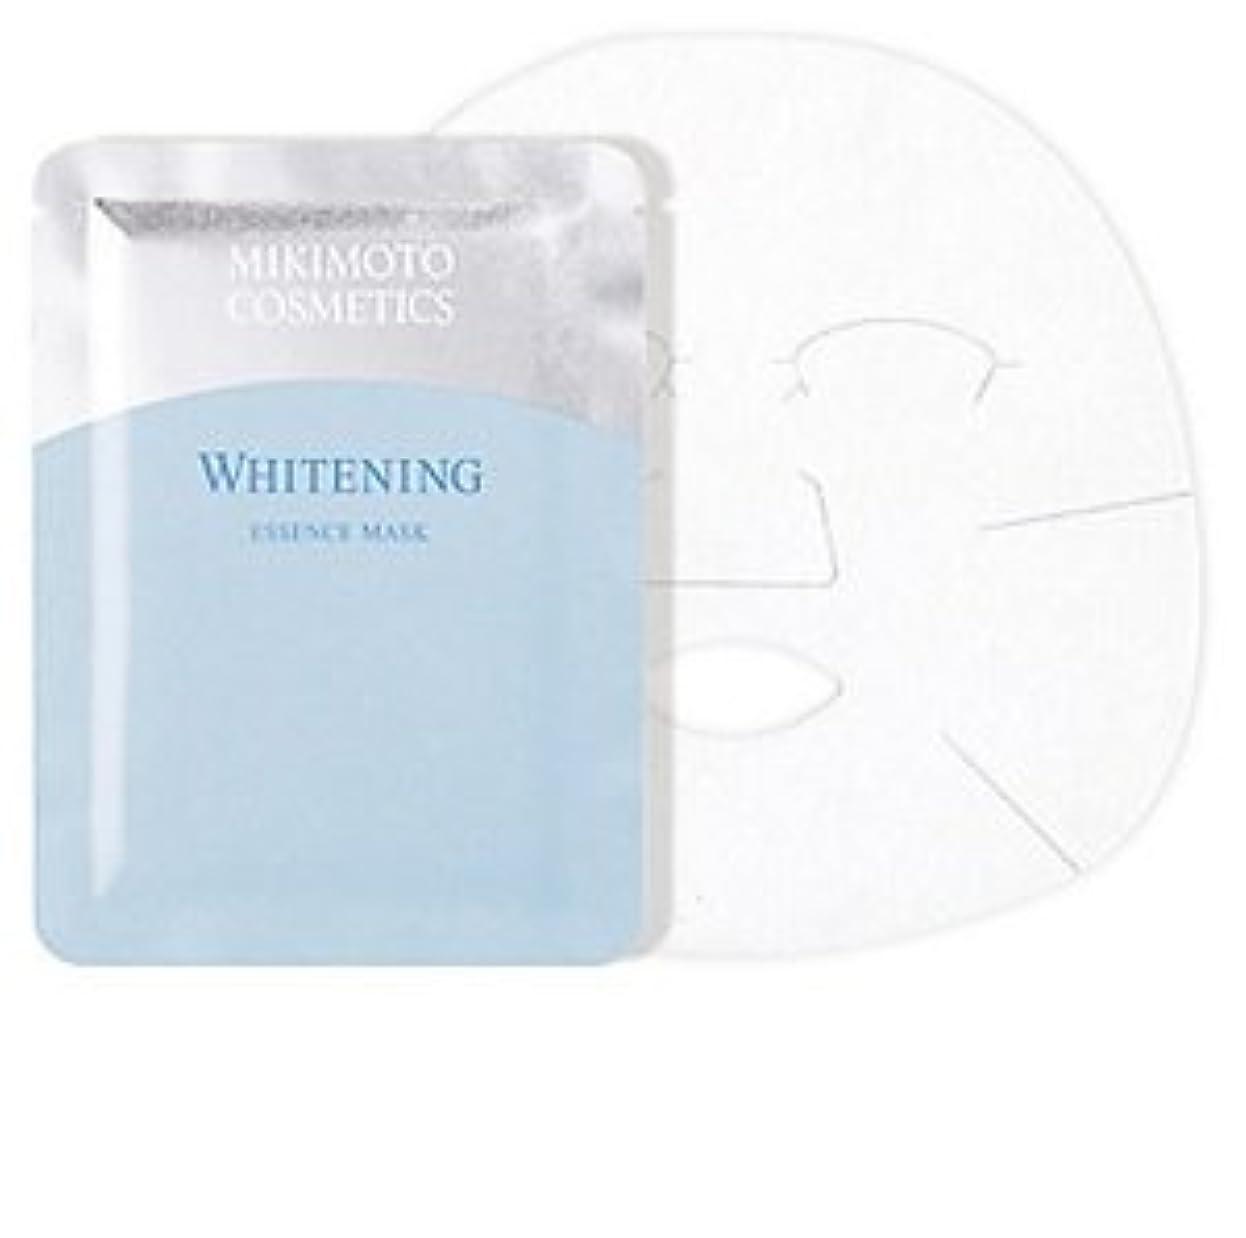 父方のベッツィトロットウッド激怒ミキモト ホワイトニング エッセンス マスク 21mlx6枚入 薬用美白状シートマスク